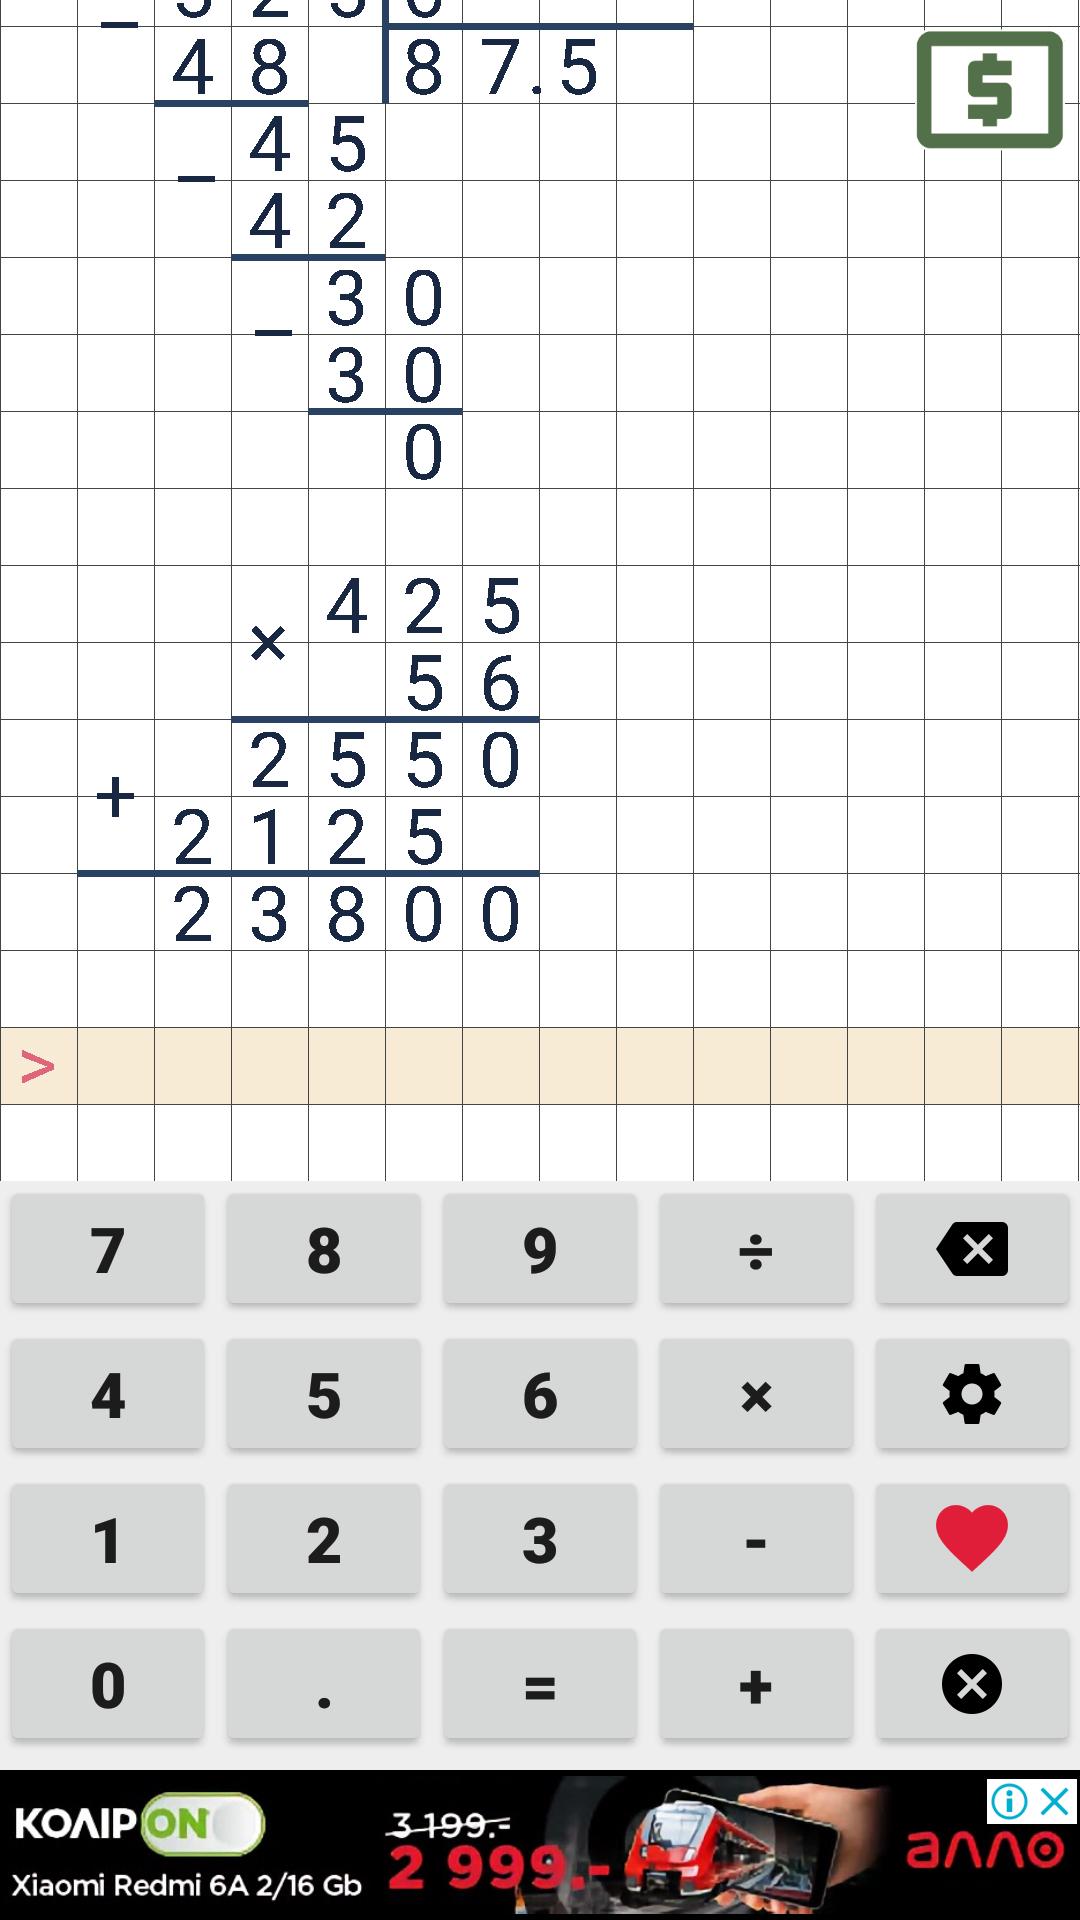 Онлайн калькулятор в столбик умножение деление